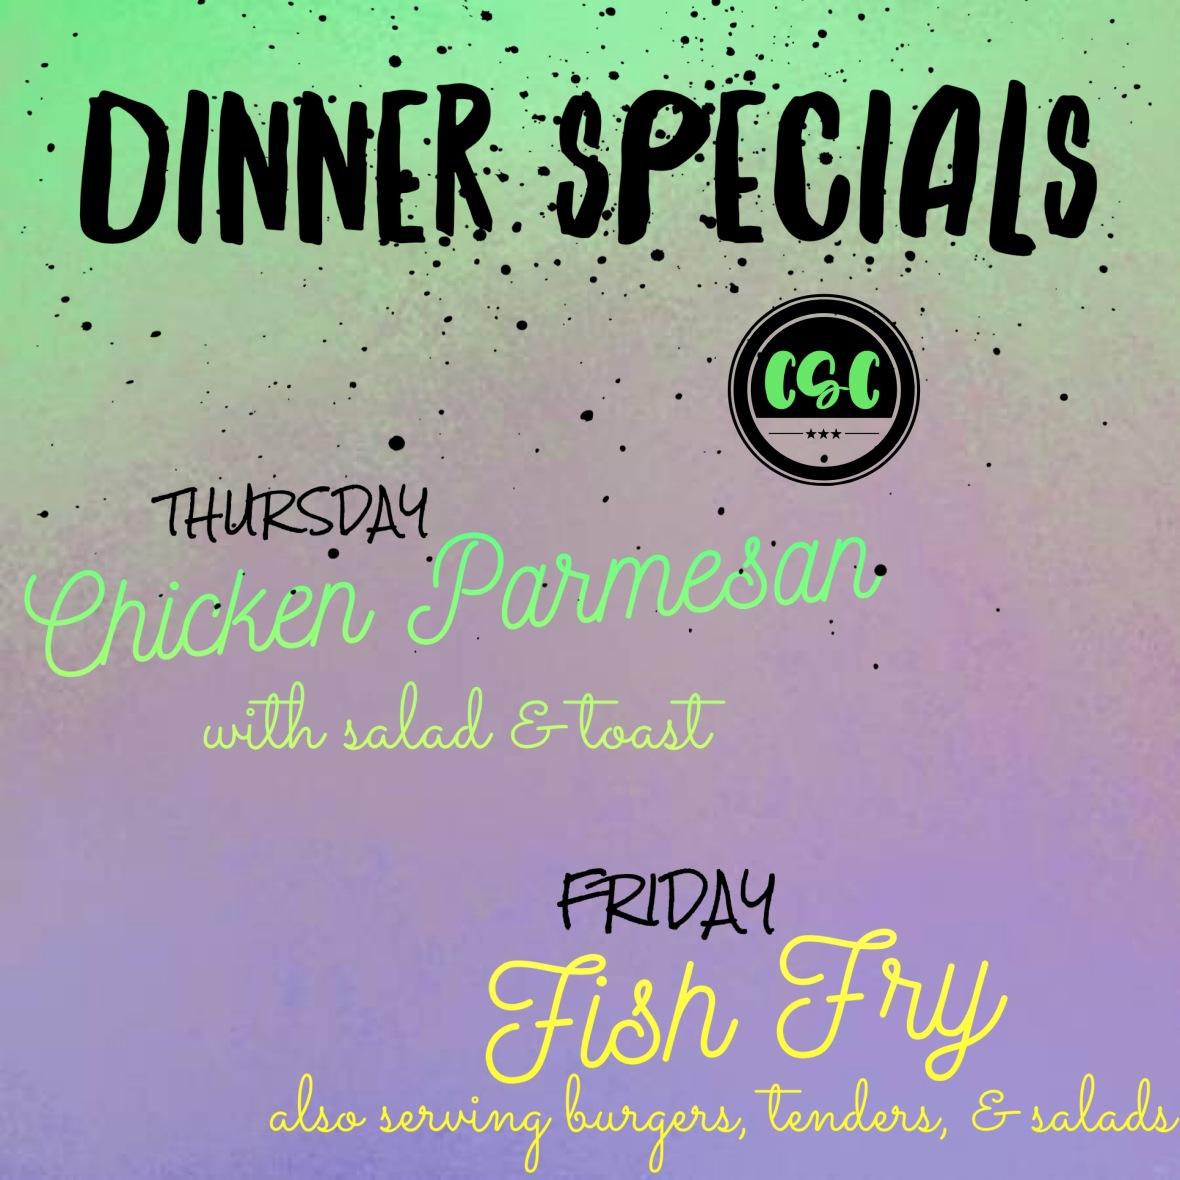 dinner specials jan 3